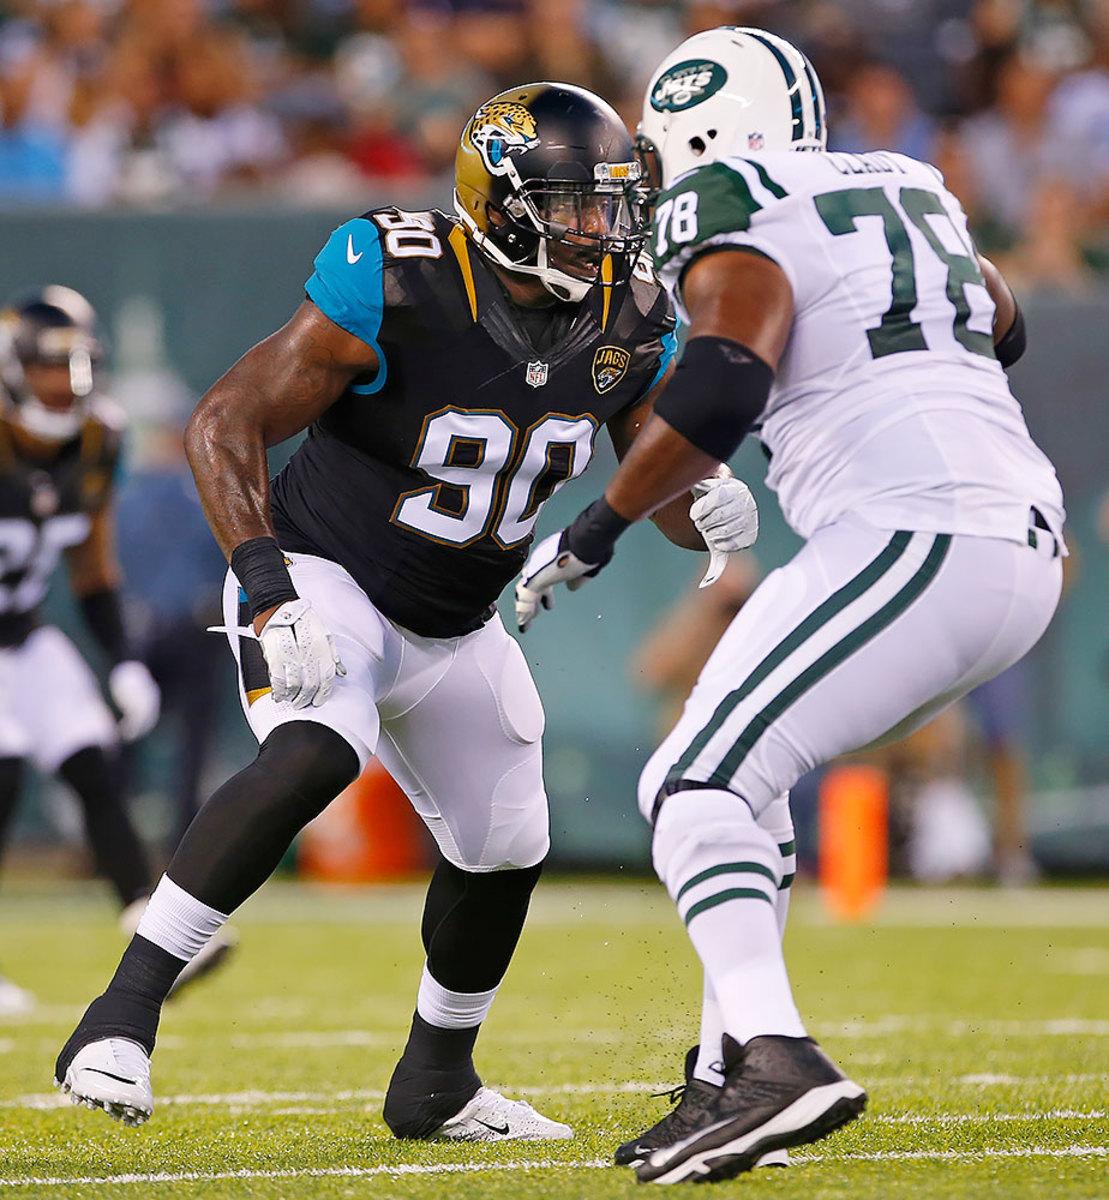 Malik-Jackson-Jacksonville-Jaguars.jpg